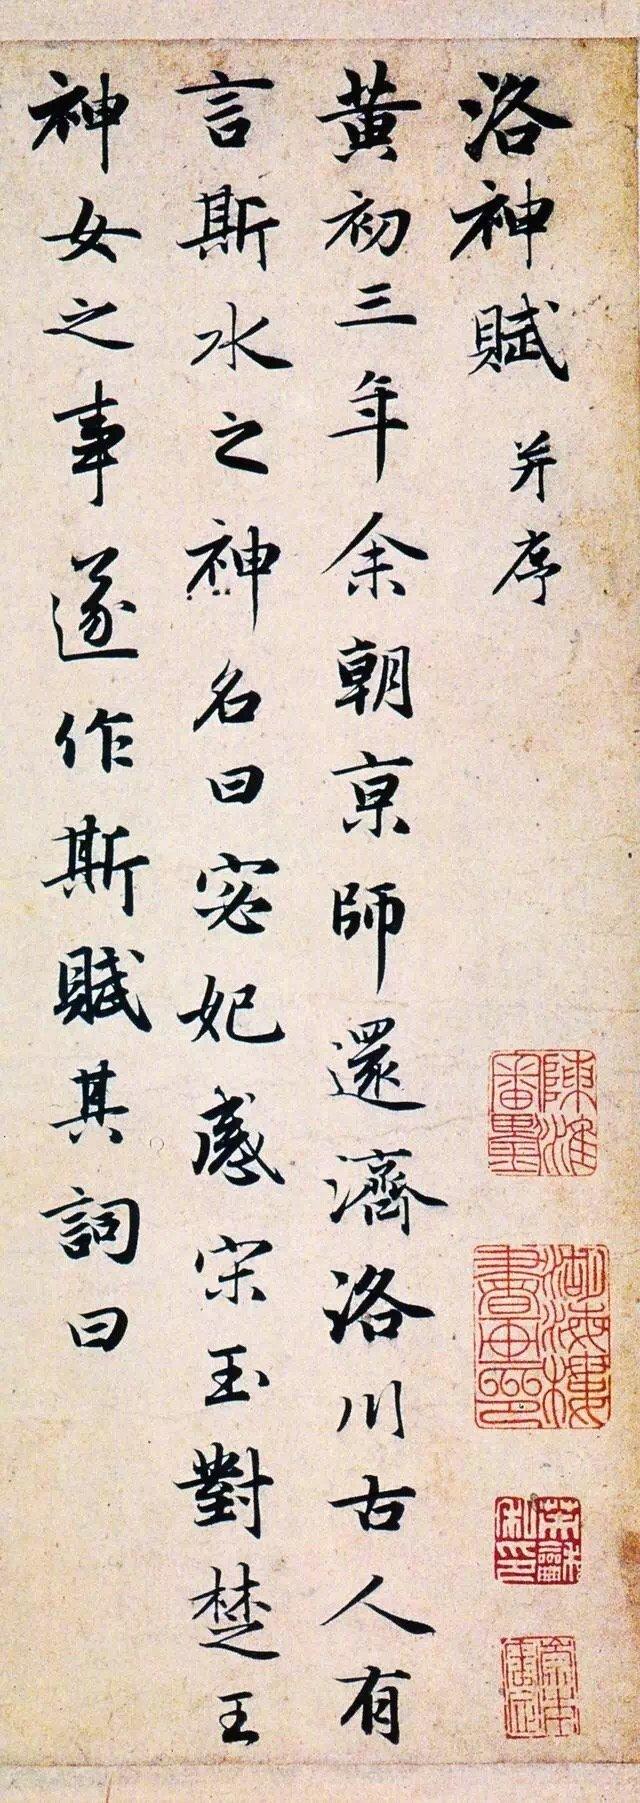 顾恺之 《洛神赋图》 赵孟頫 《洛神赋》 | 全卷共80行